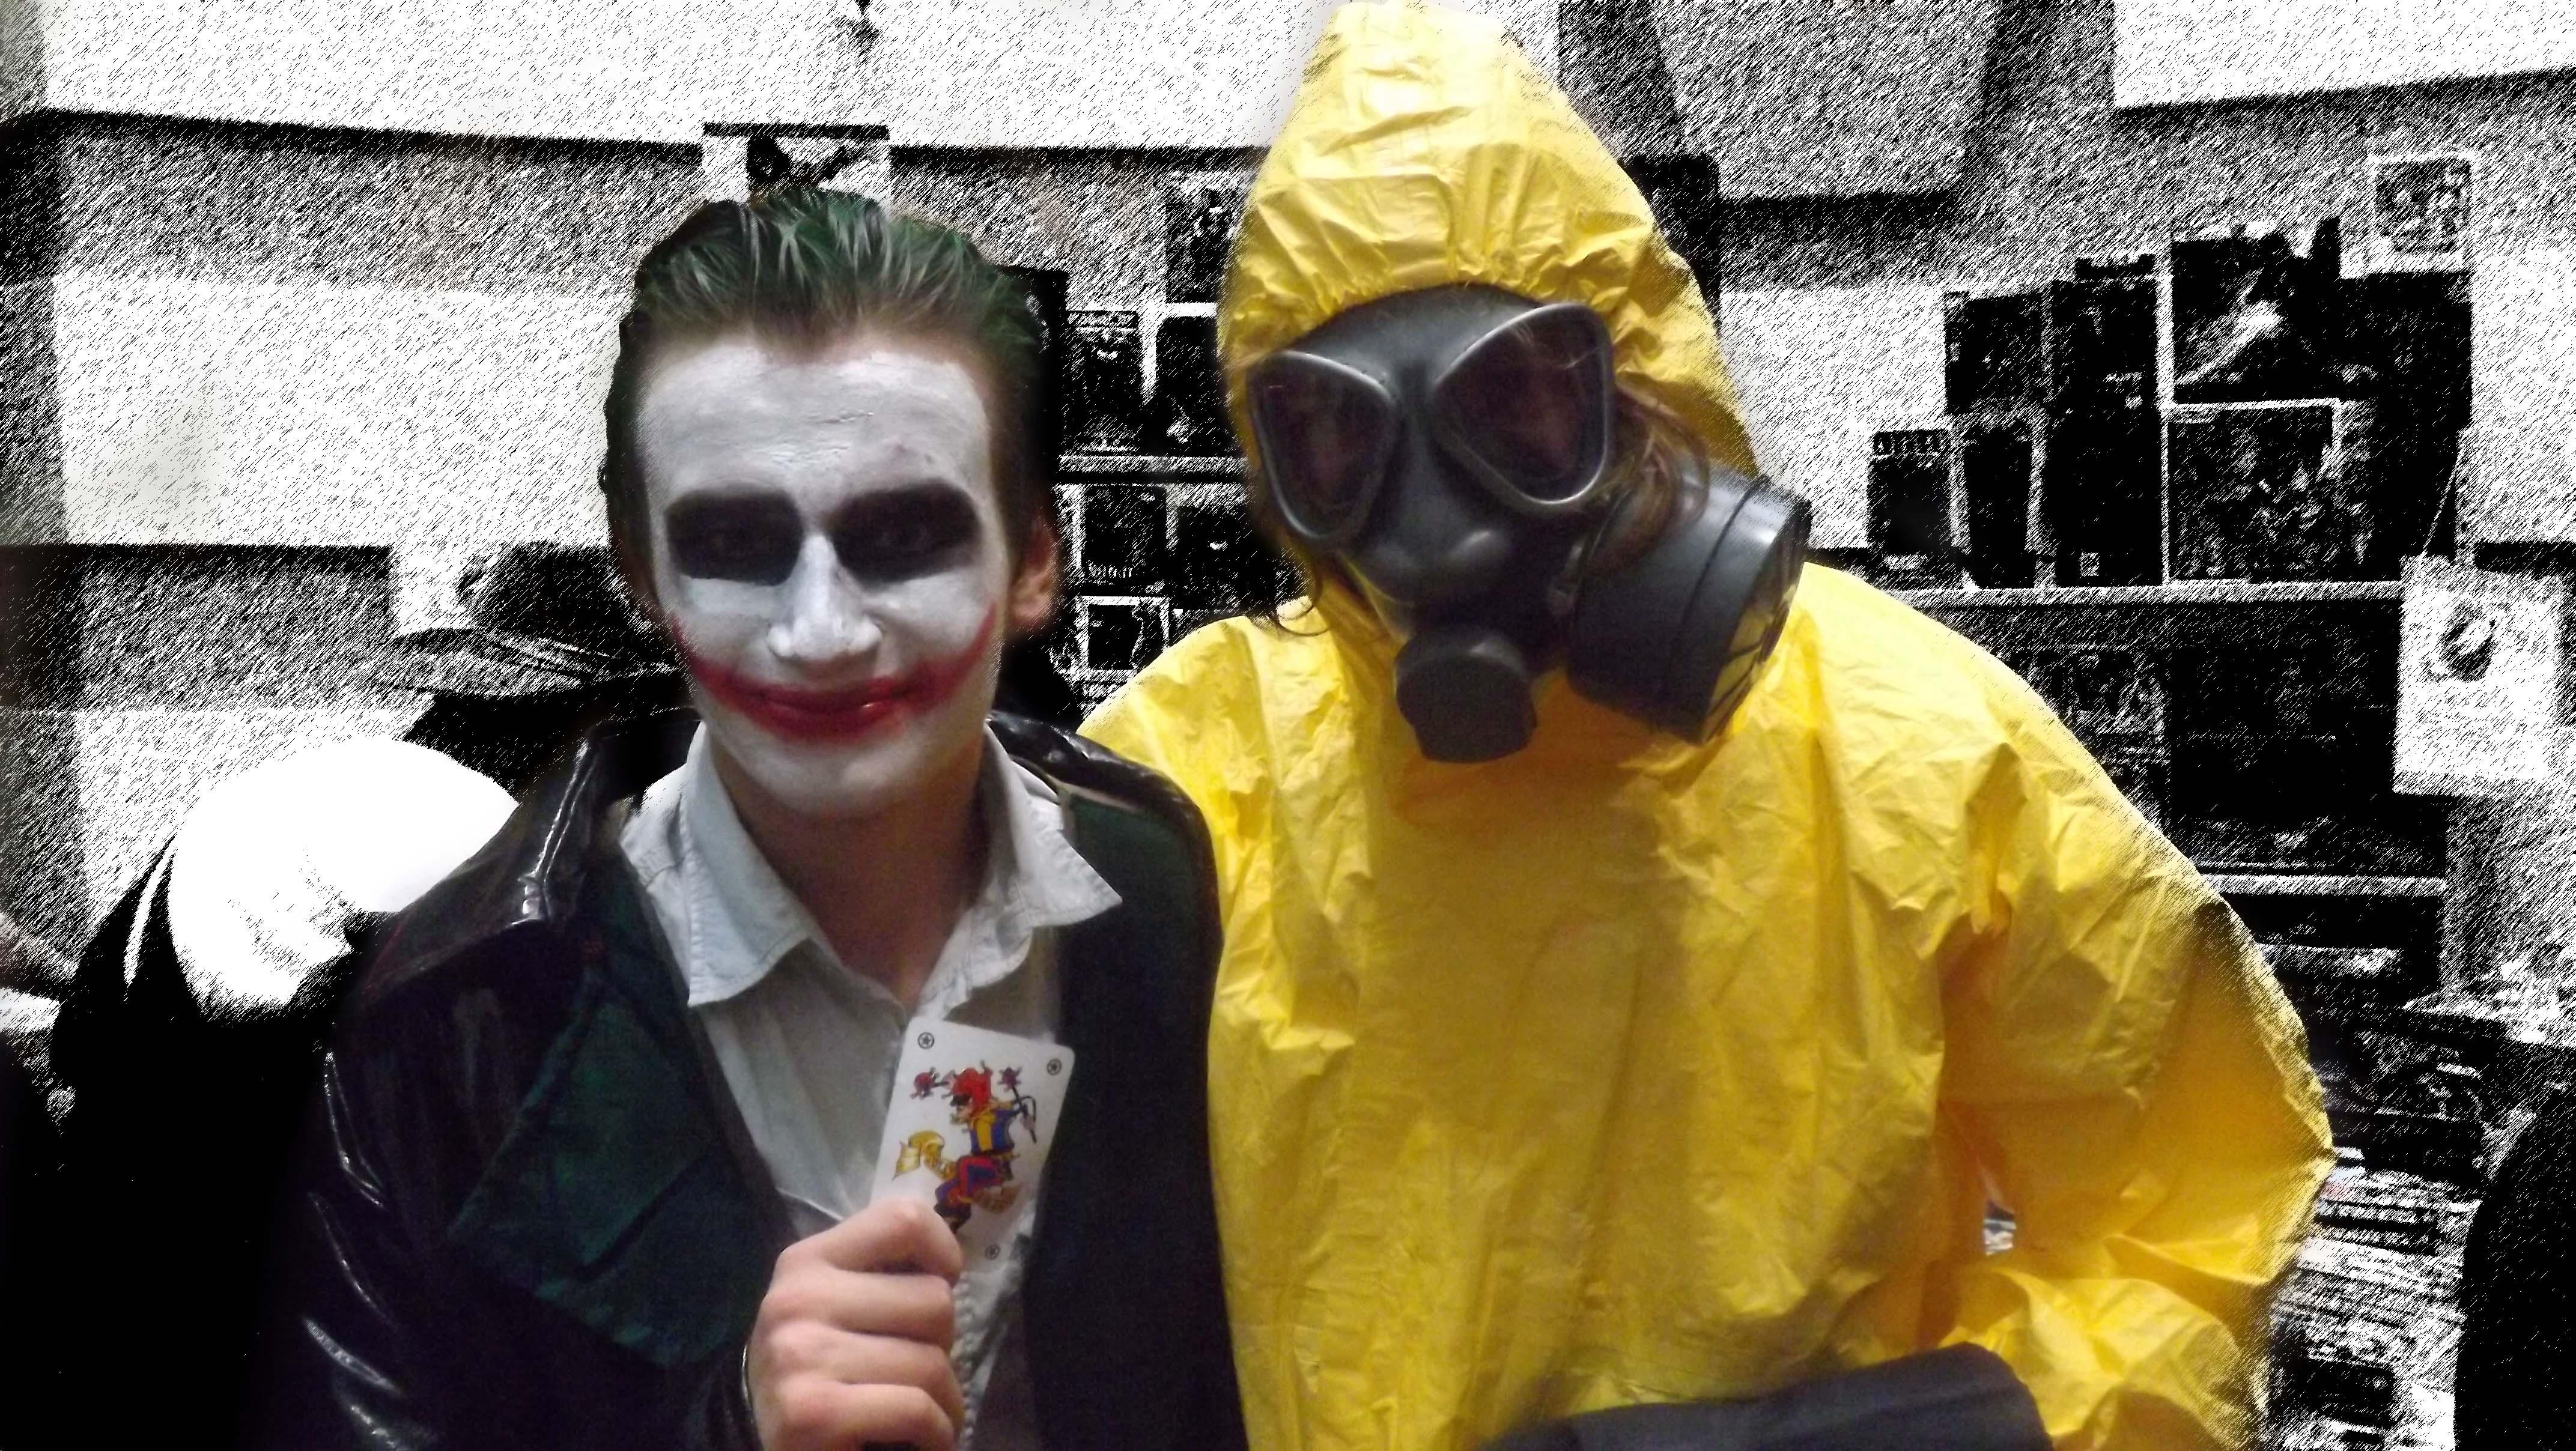 The Joker / a joker.